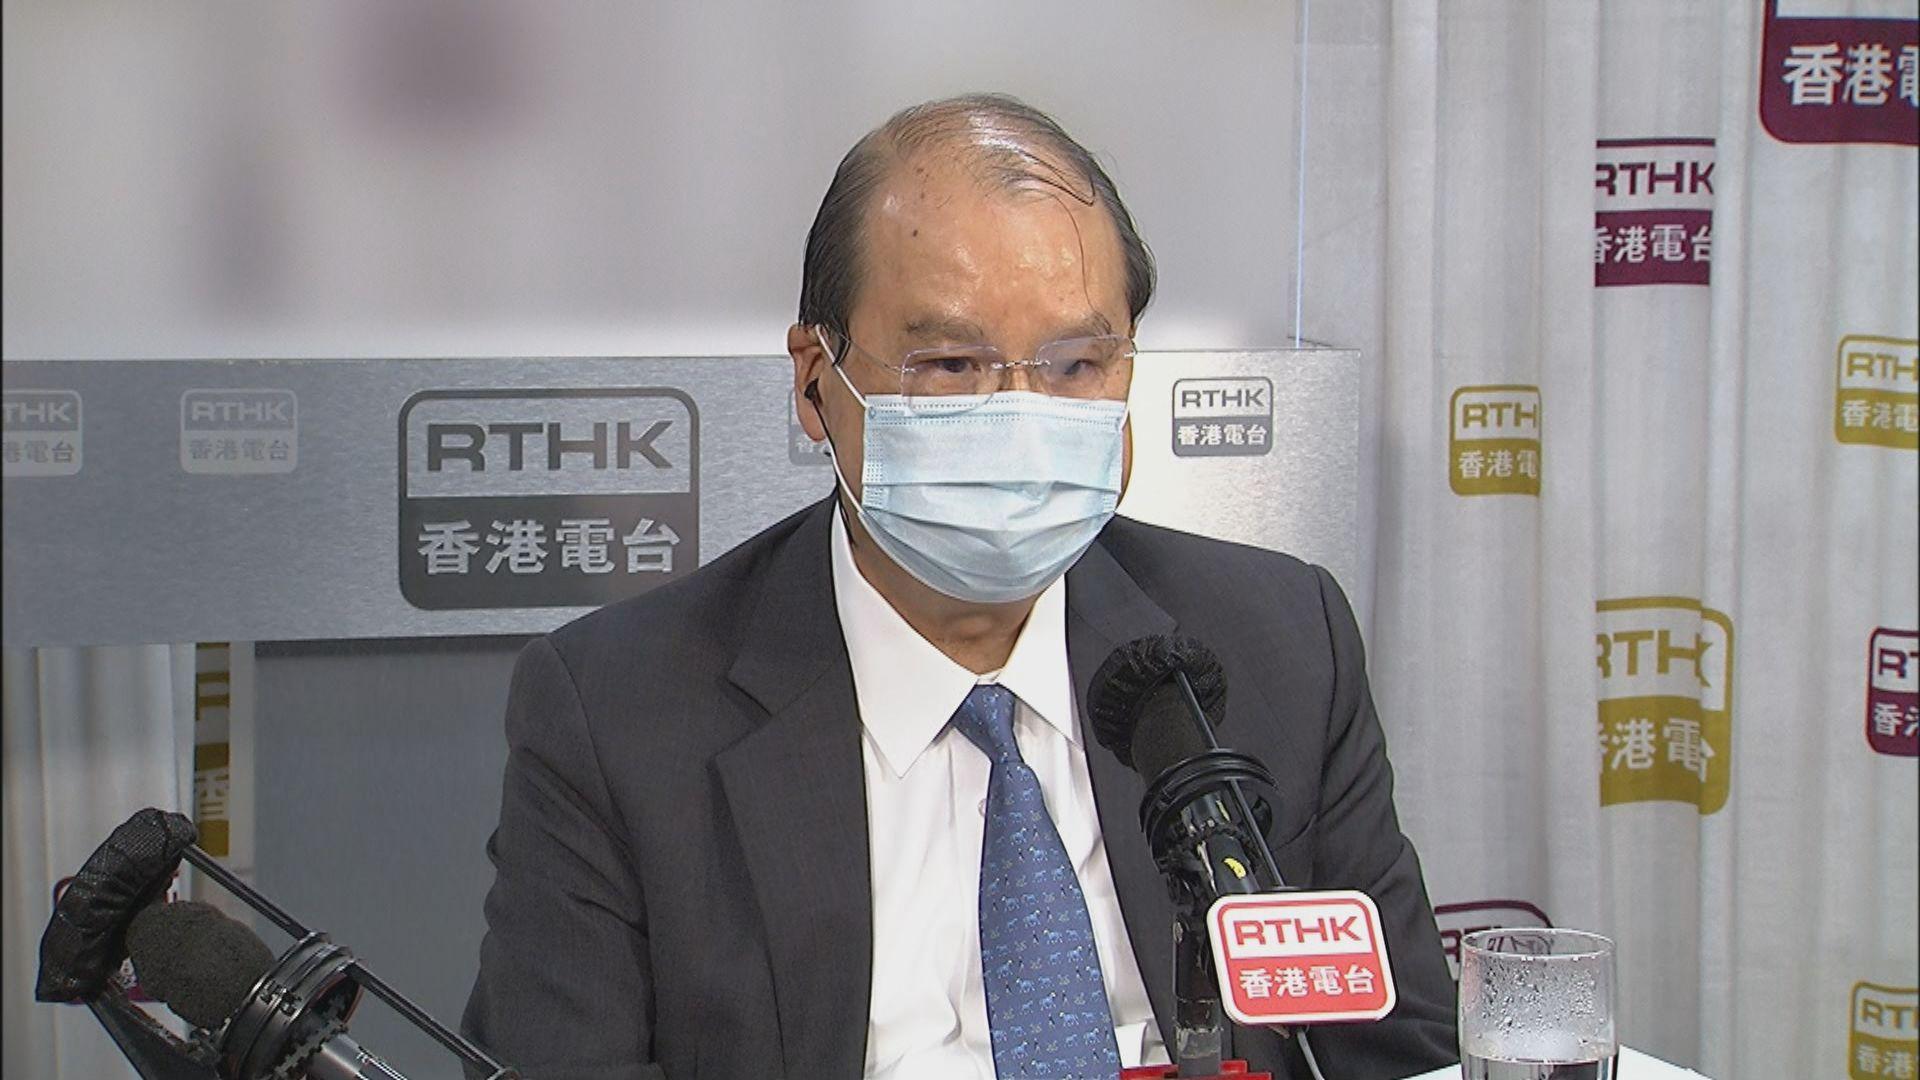 張建宗:有議員在施政報告發布時打瞌睡 只屬個別事件